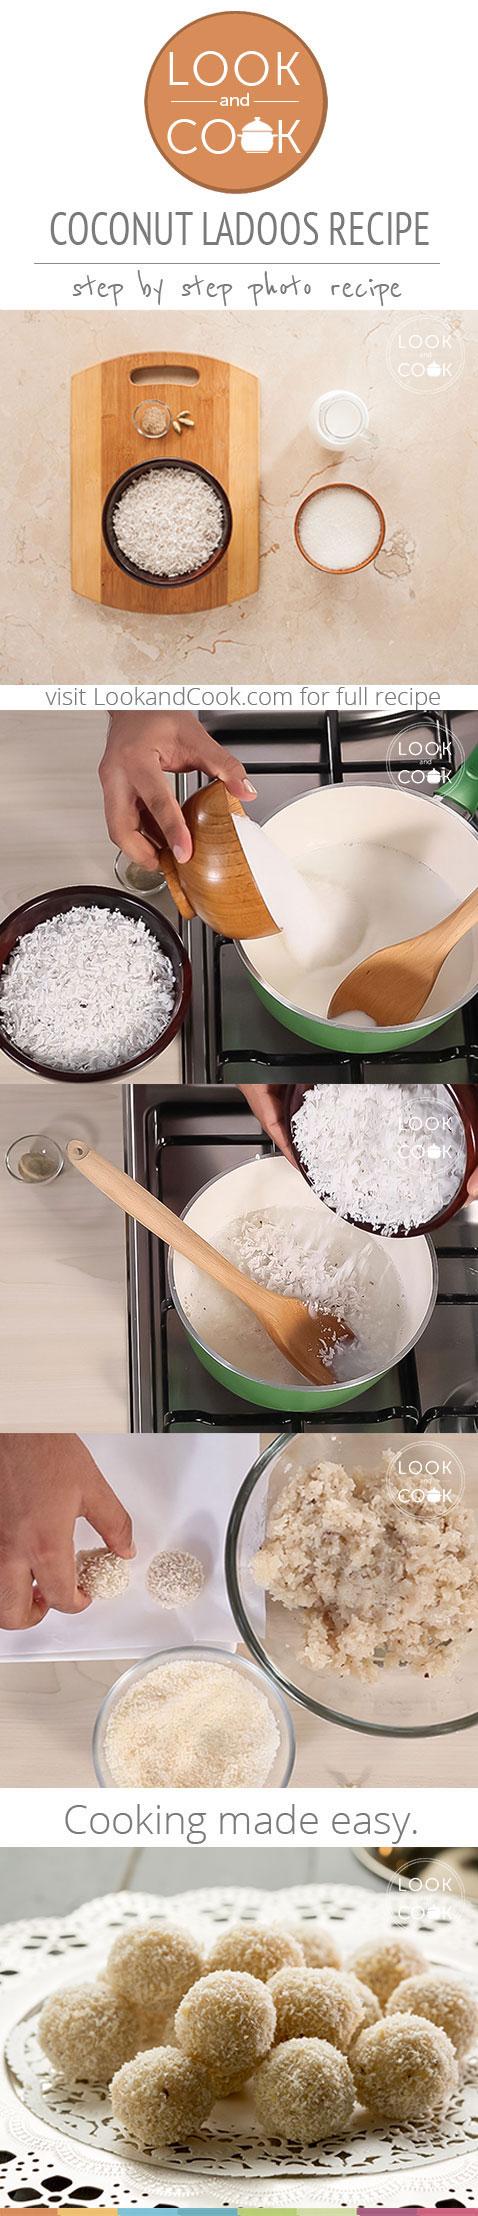 How To Make Coconut Ladoos